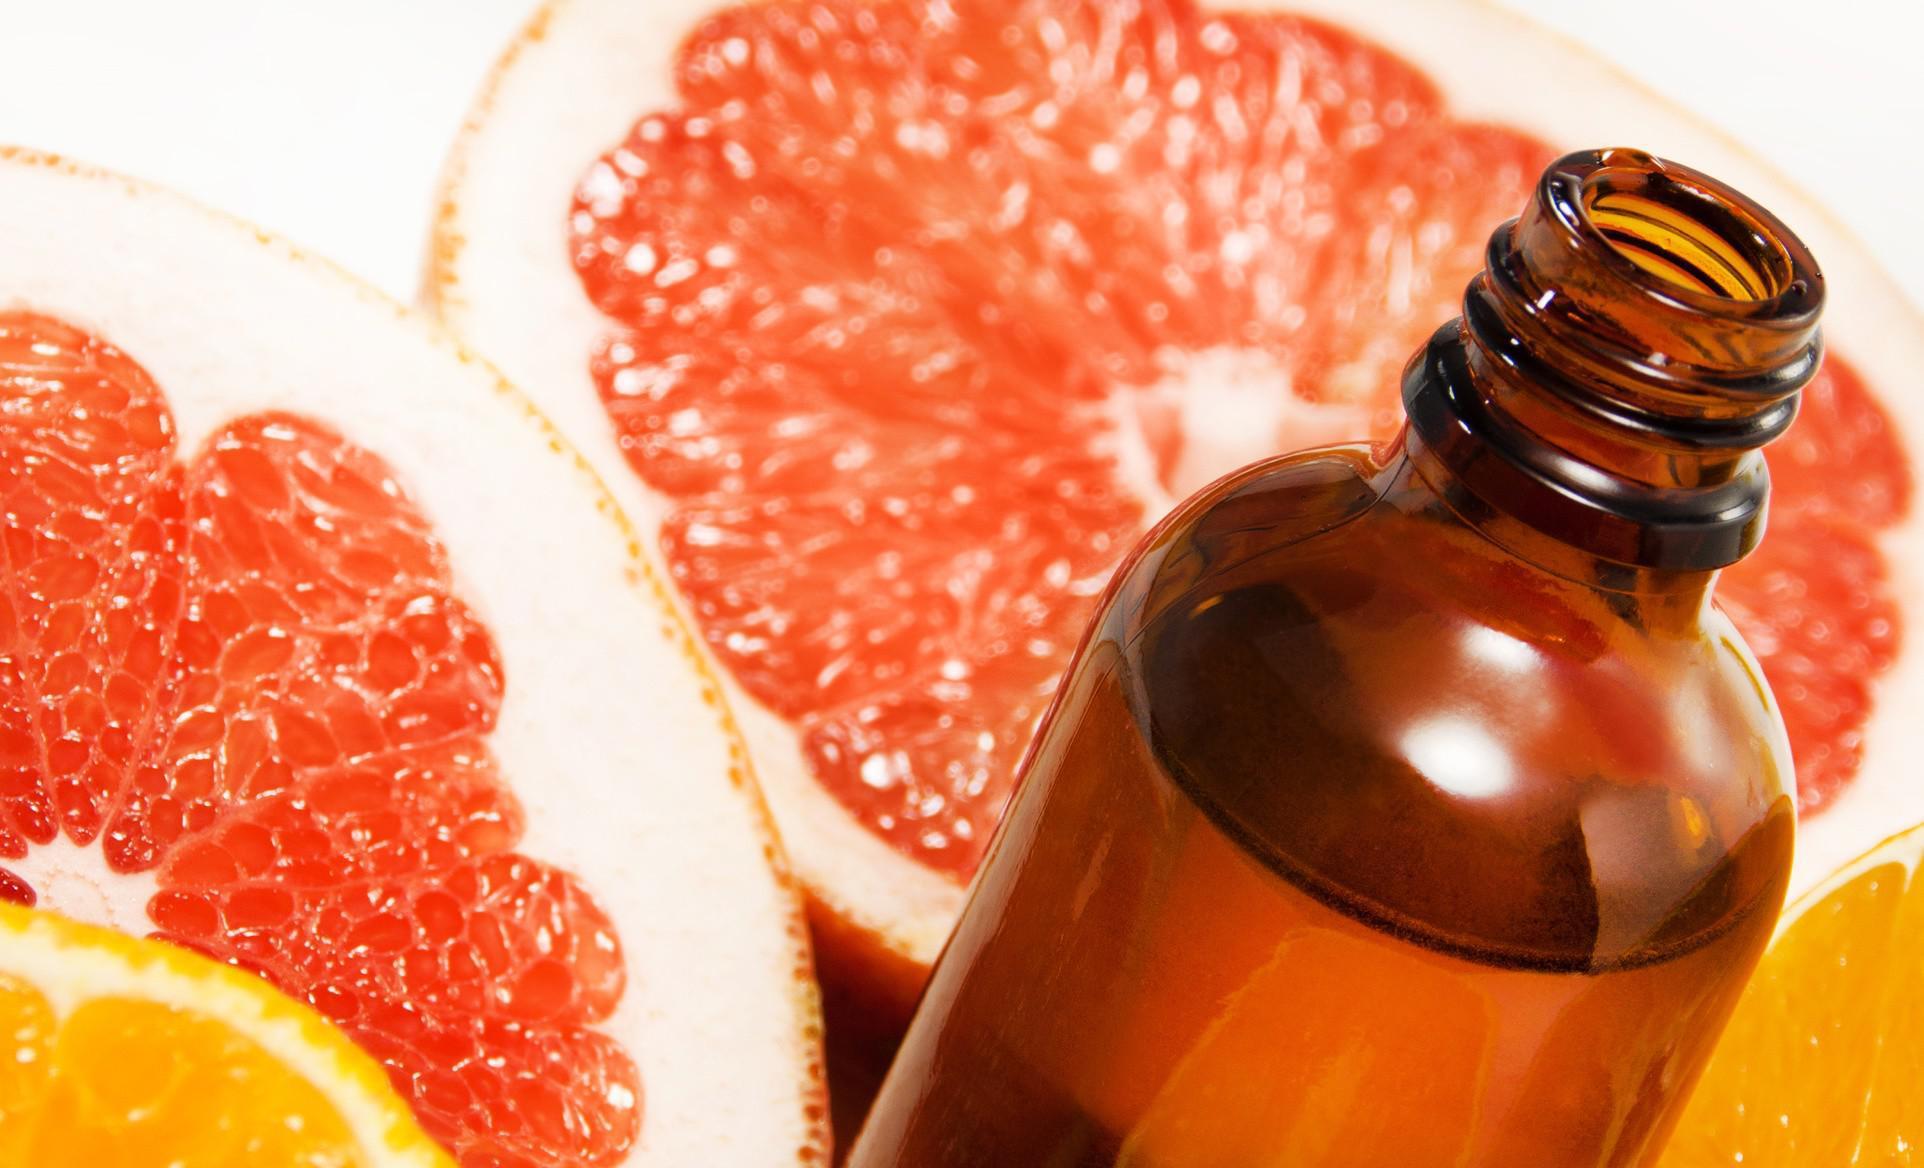 L 39 huile essentielle de pamplemousse comme coupe faim medisite - Huiles essentielles coupe faim ...